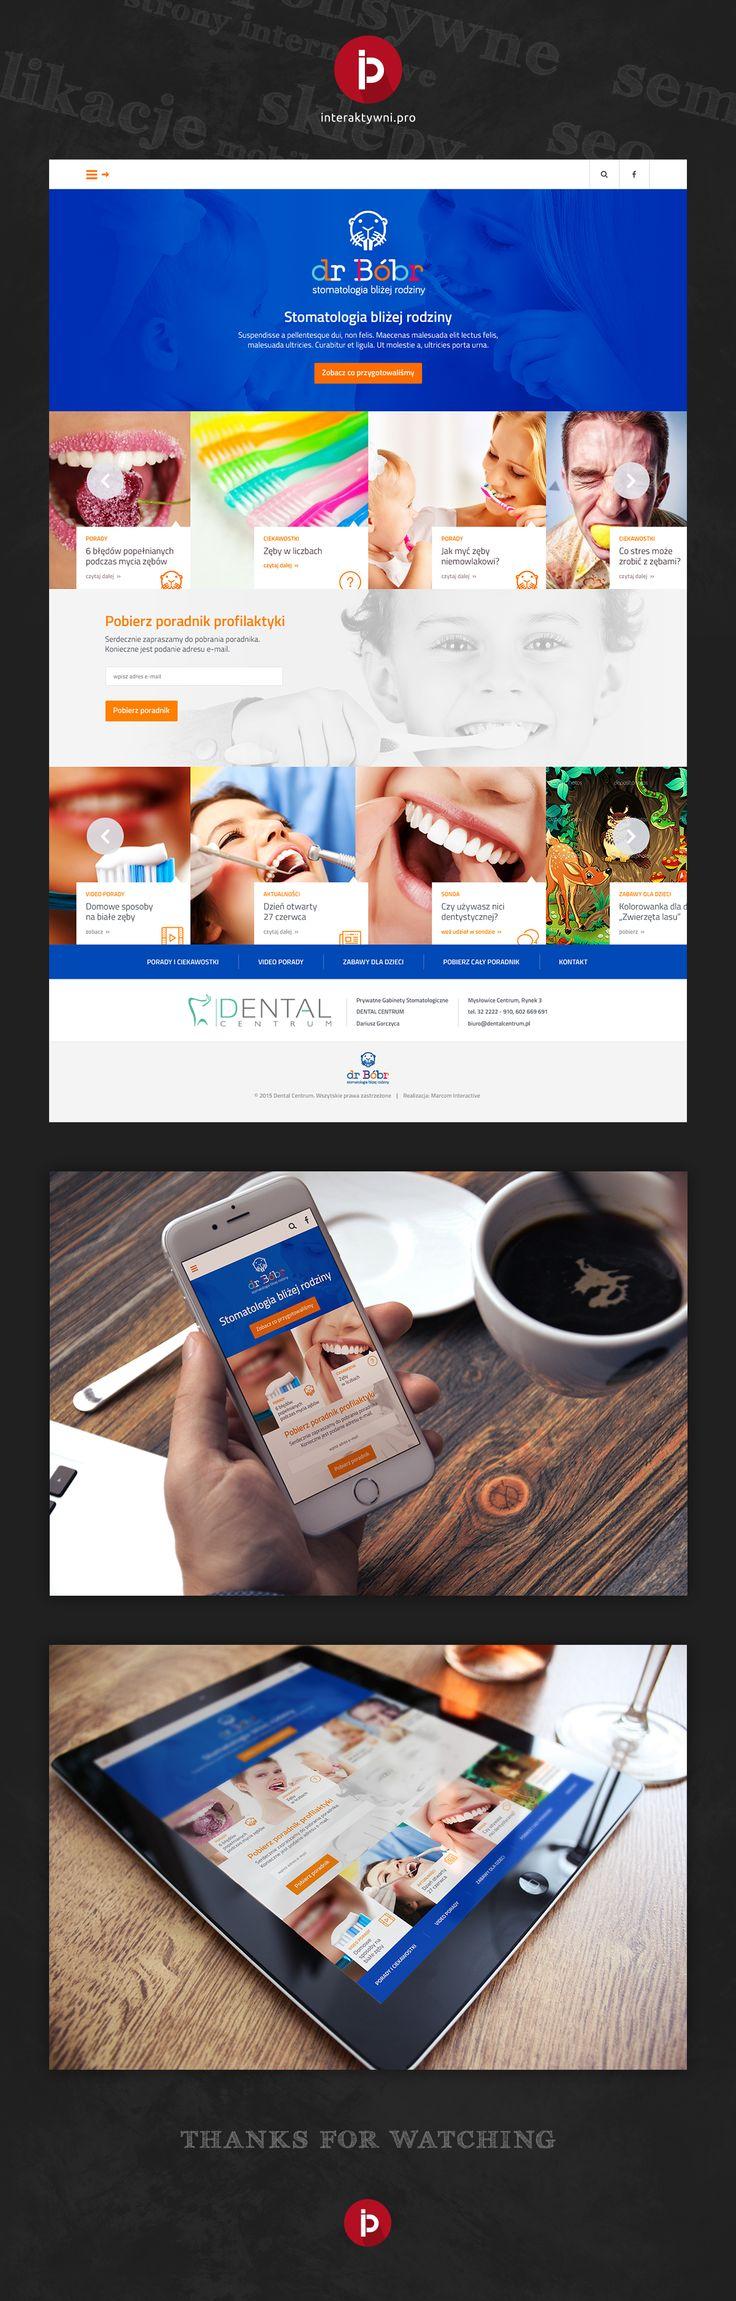 Owocem naszej współpracy z agencją PR Guarana jest informacyjny serwis internetowy na temat profilaktyki próchnicy i chorób jamy ustnej stworzony dla Prywatnych Gabinetów Dentystycznych Dental Centrum. Responsywnie, intuicyjnie, ciekawie. // The result of our partnership with PR Guarana agency is an informative website about prevention of tooth decay and oral diseases created for Private Dental Offices Dental Center. Responsive, intuitive, interesting. #responsywnestronyinternetowe…